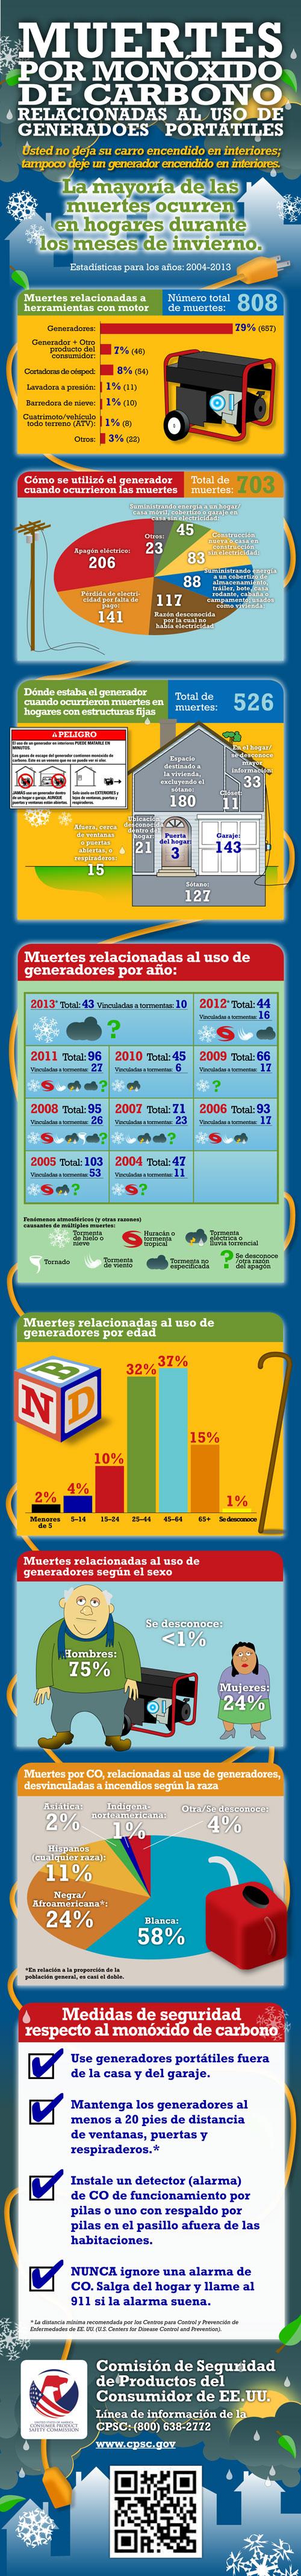 Infográfico sobre muertes por CO relacionadas al uso de generadores portátiles.